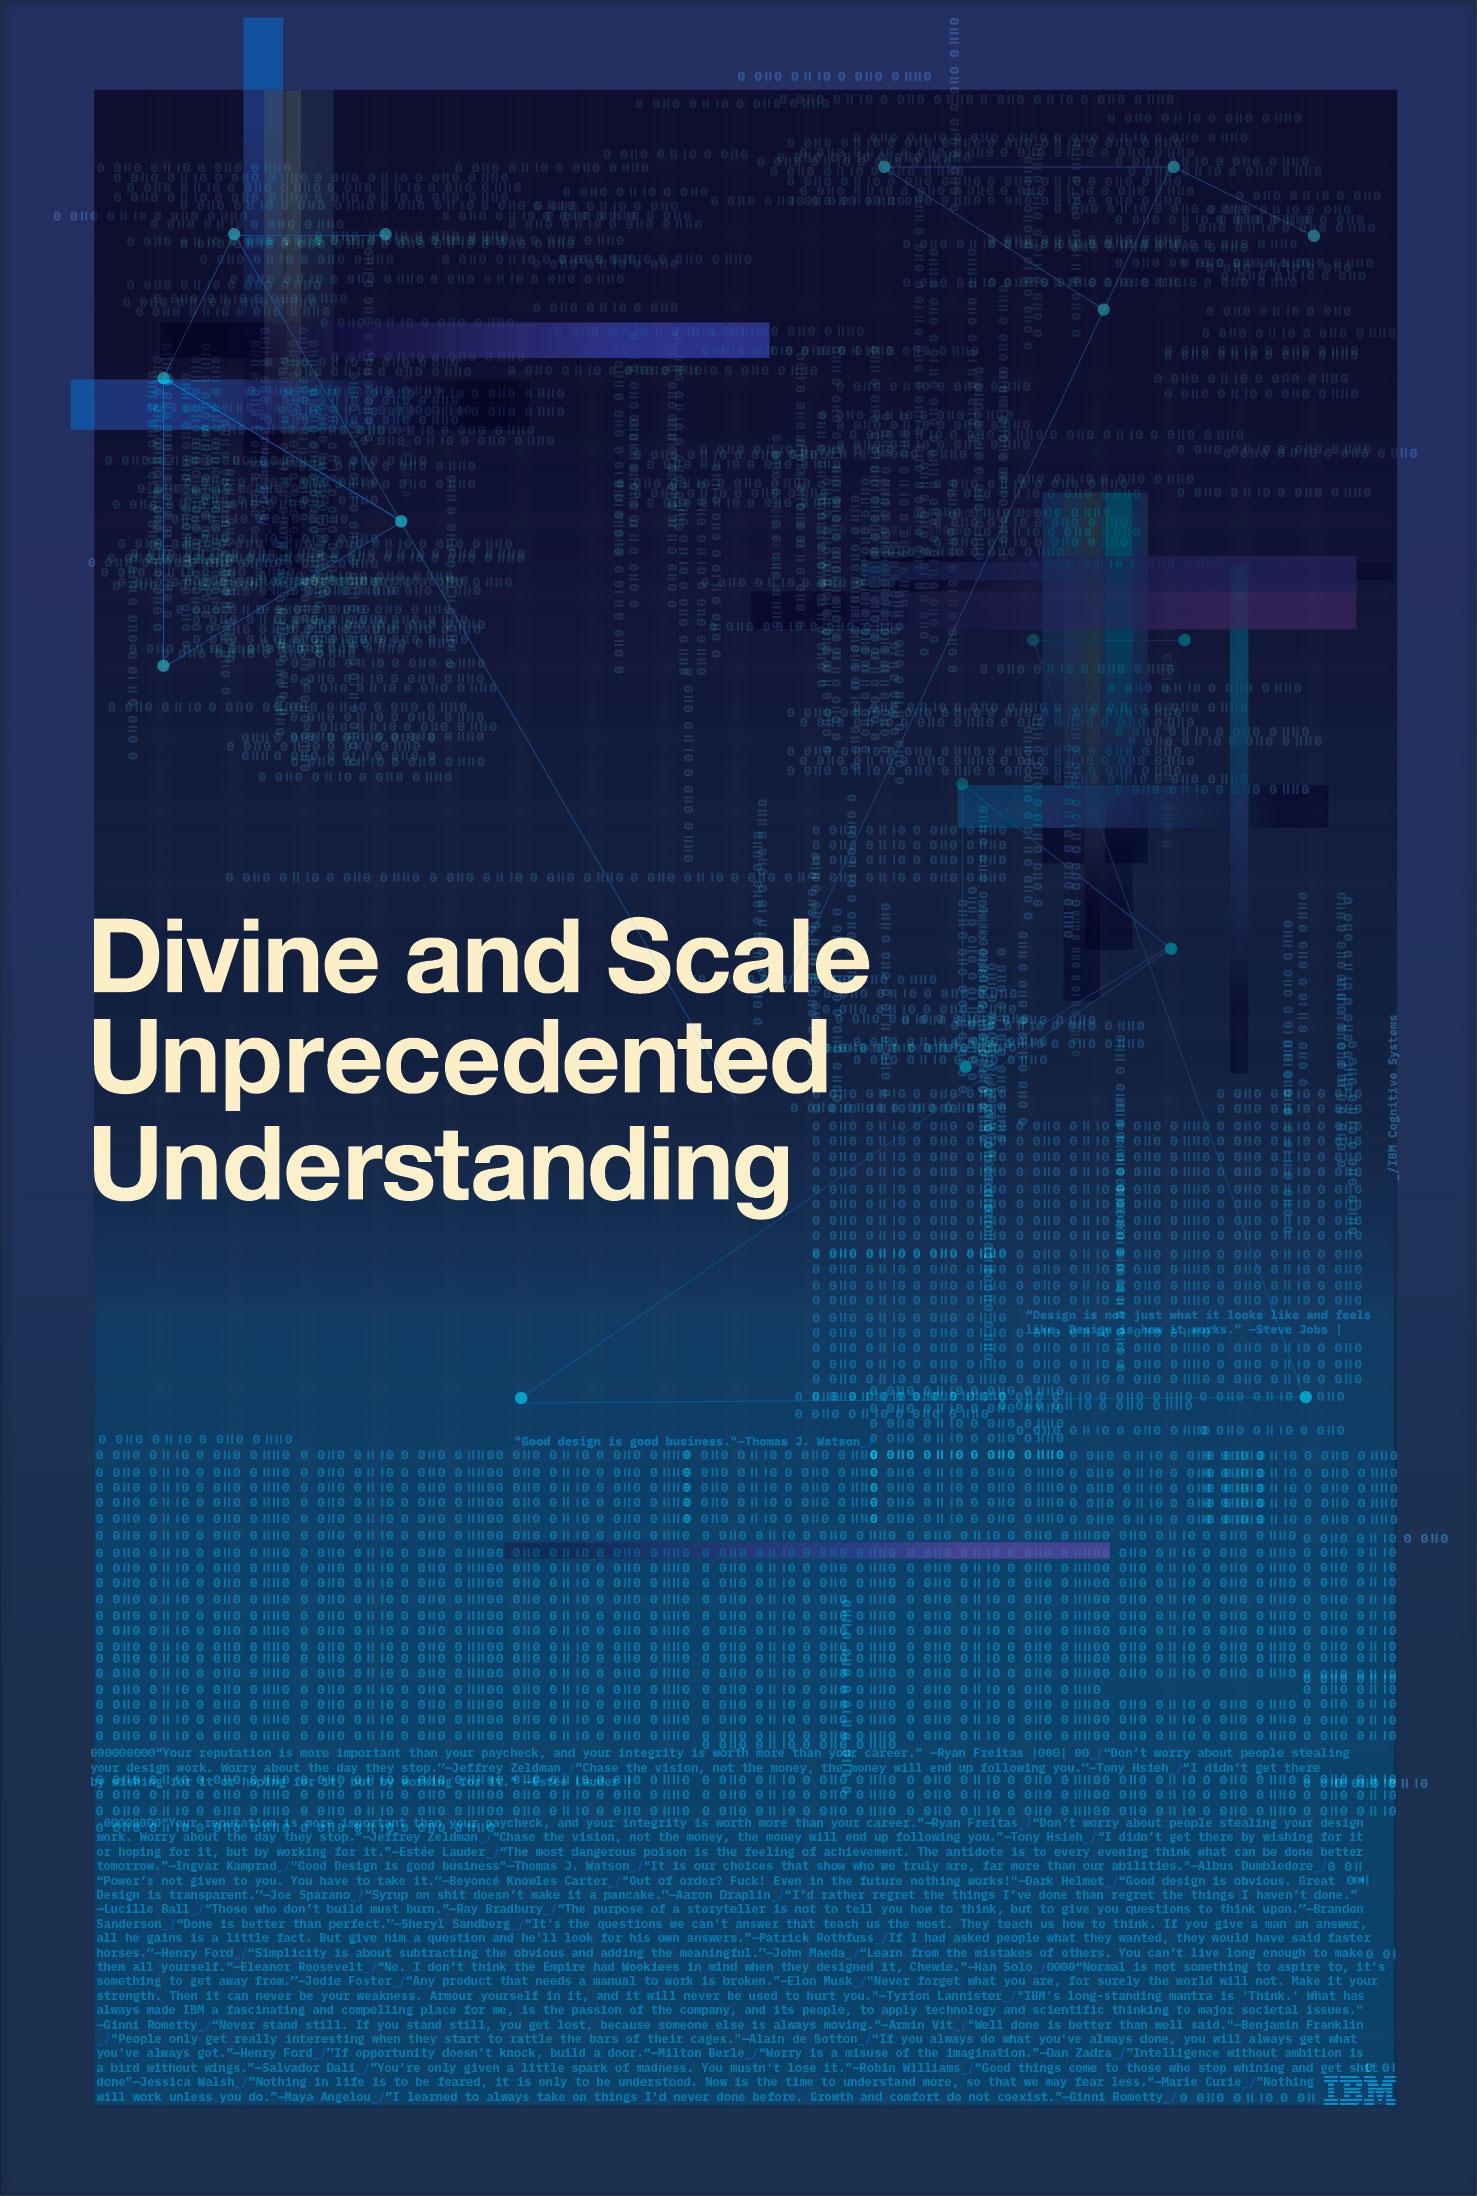 DivineAndScale.jpg